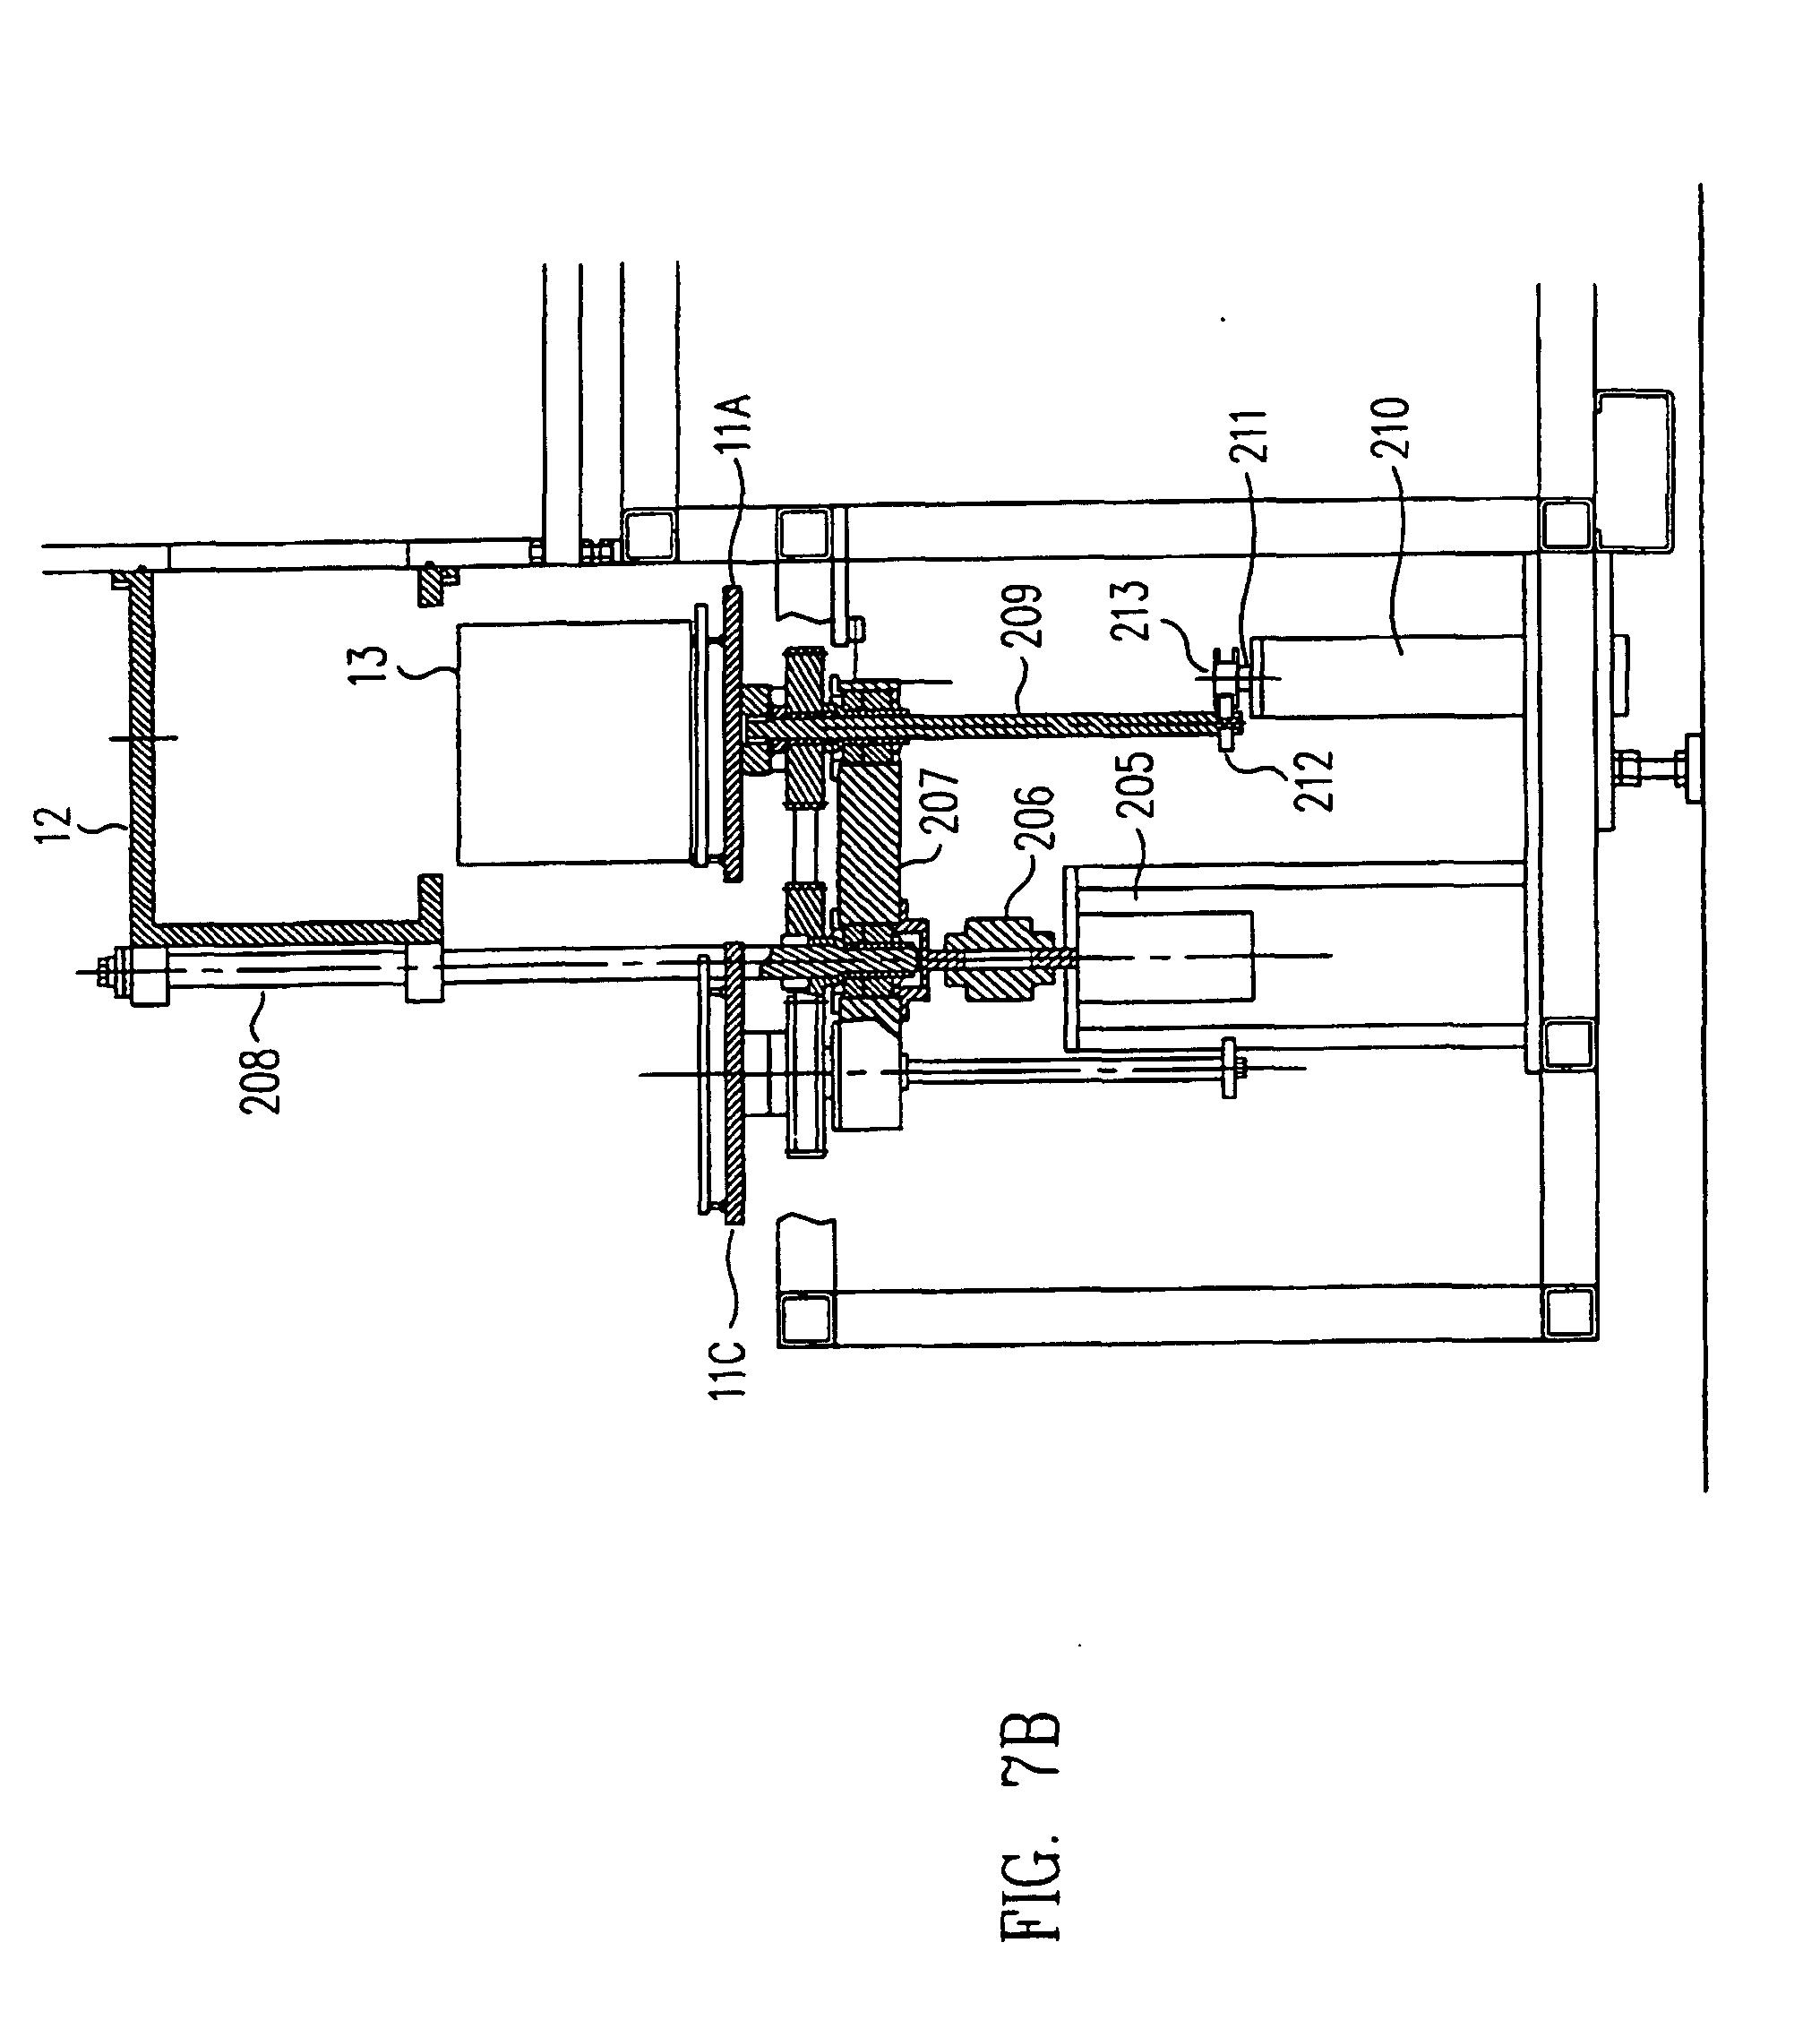 专利ep1145288b1 - wafer